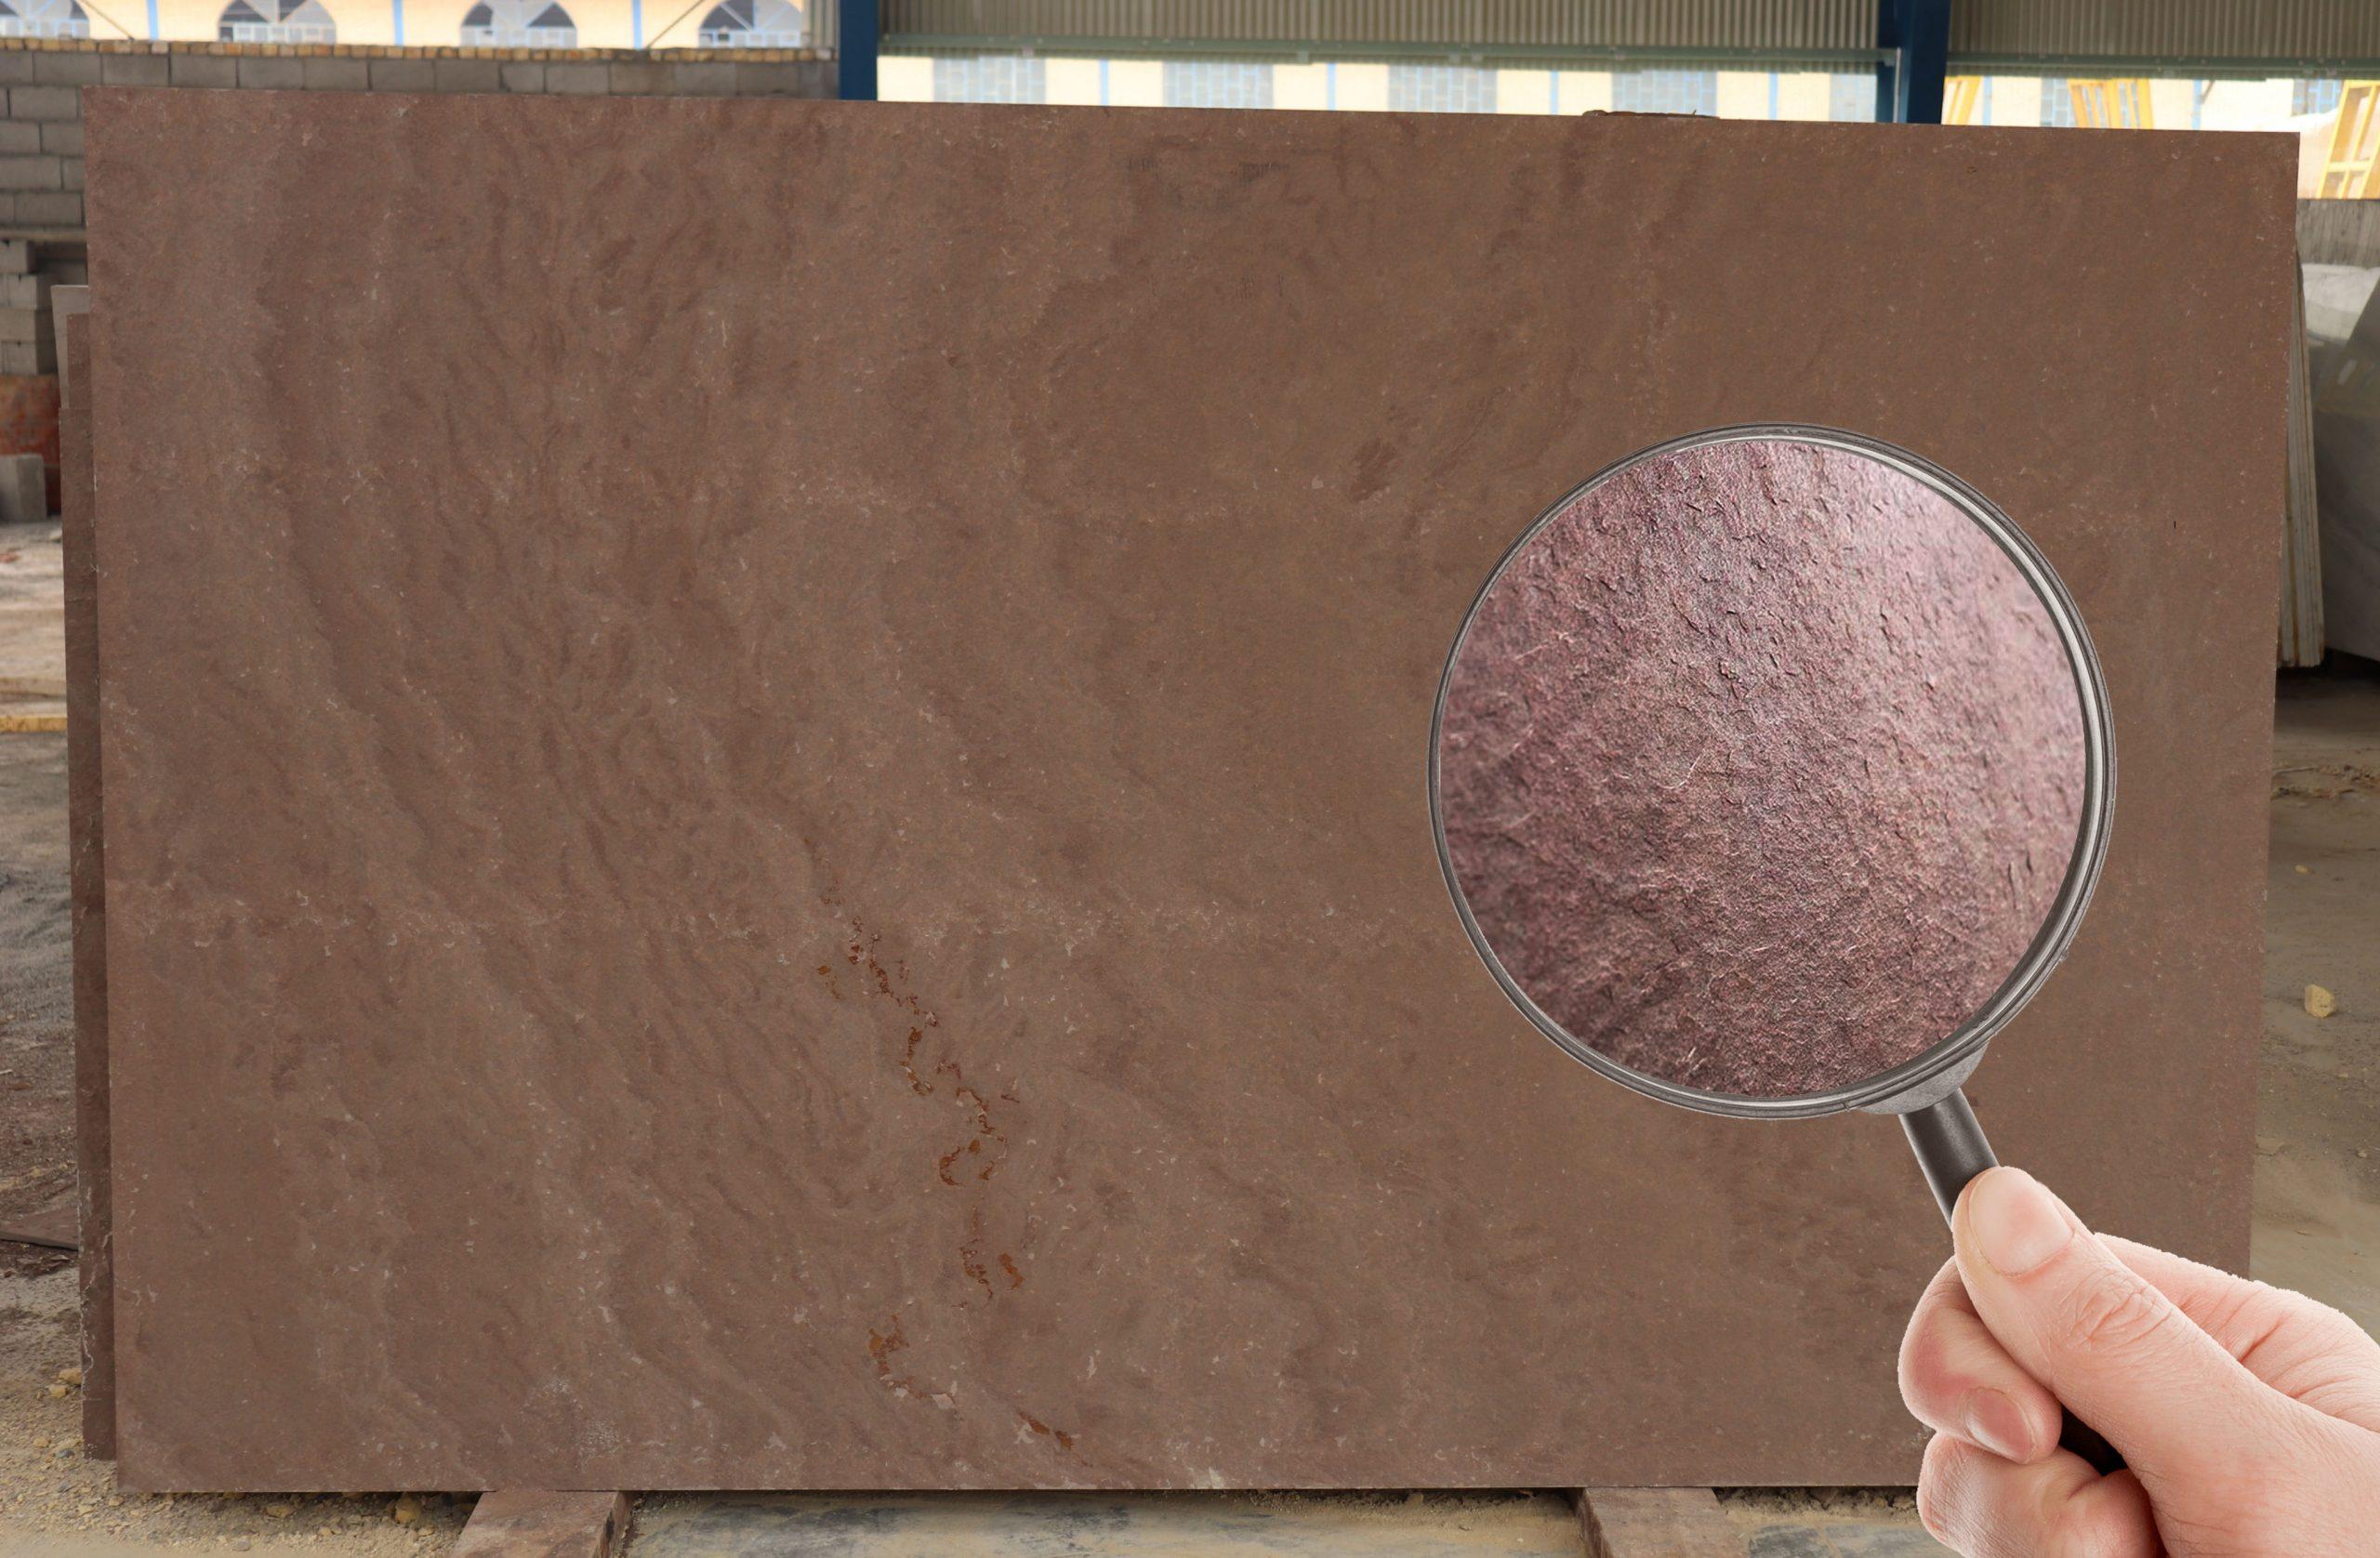 سنگ مالون قواره بزرگ در ابعاد اسلب